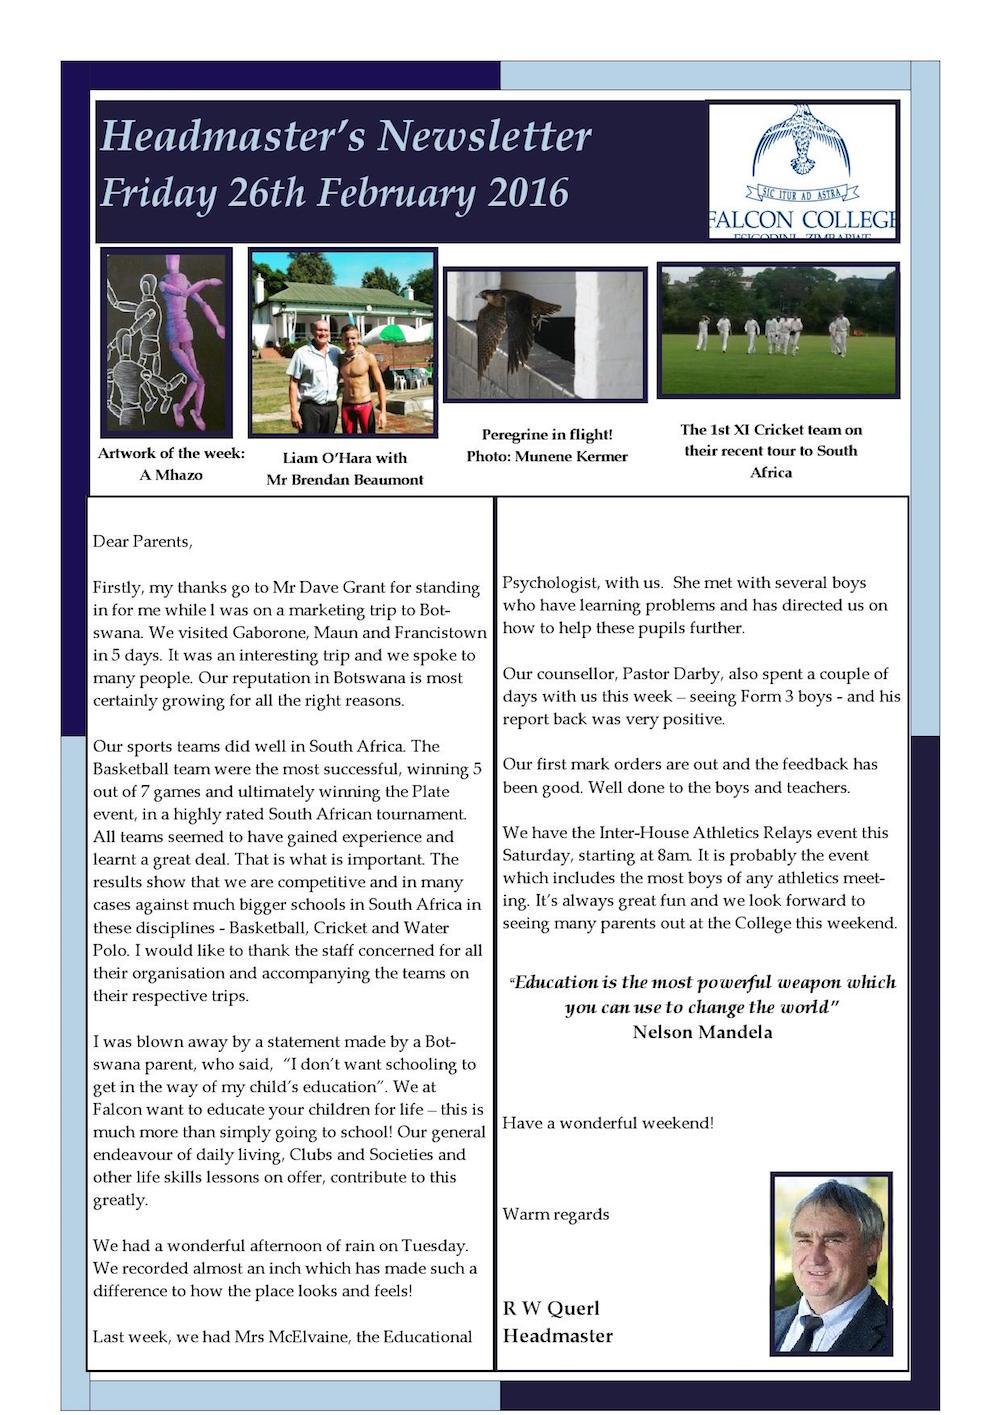 Headmaster's Newsletter Friday 26th February 2016 edited 2_000001